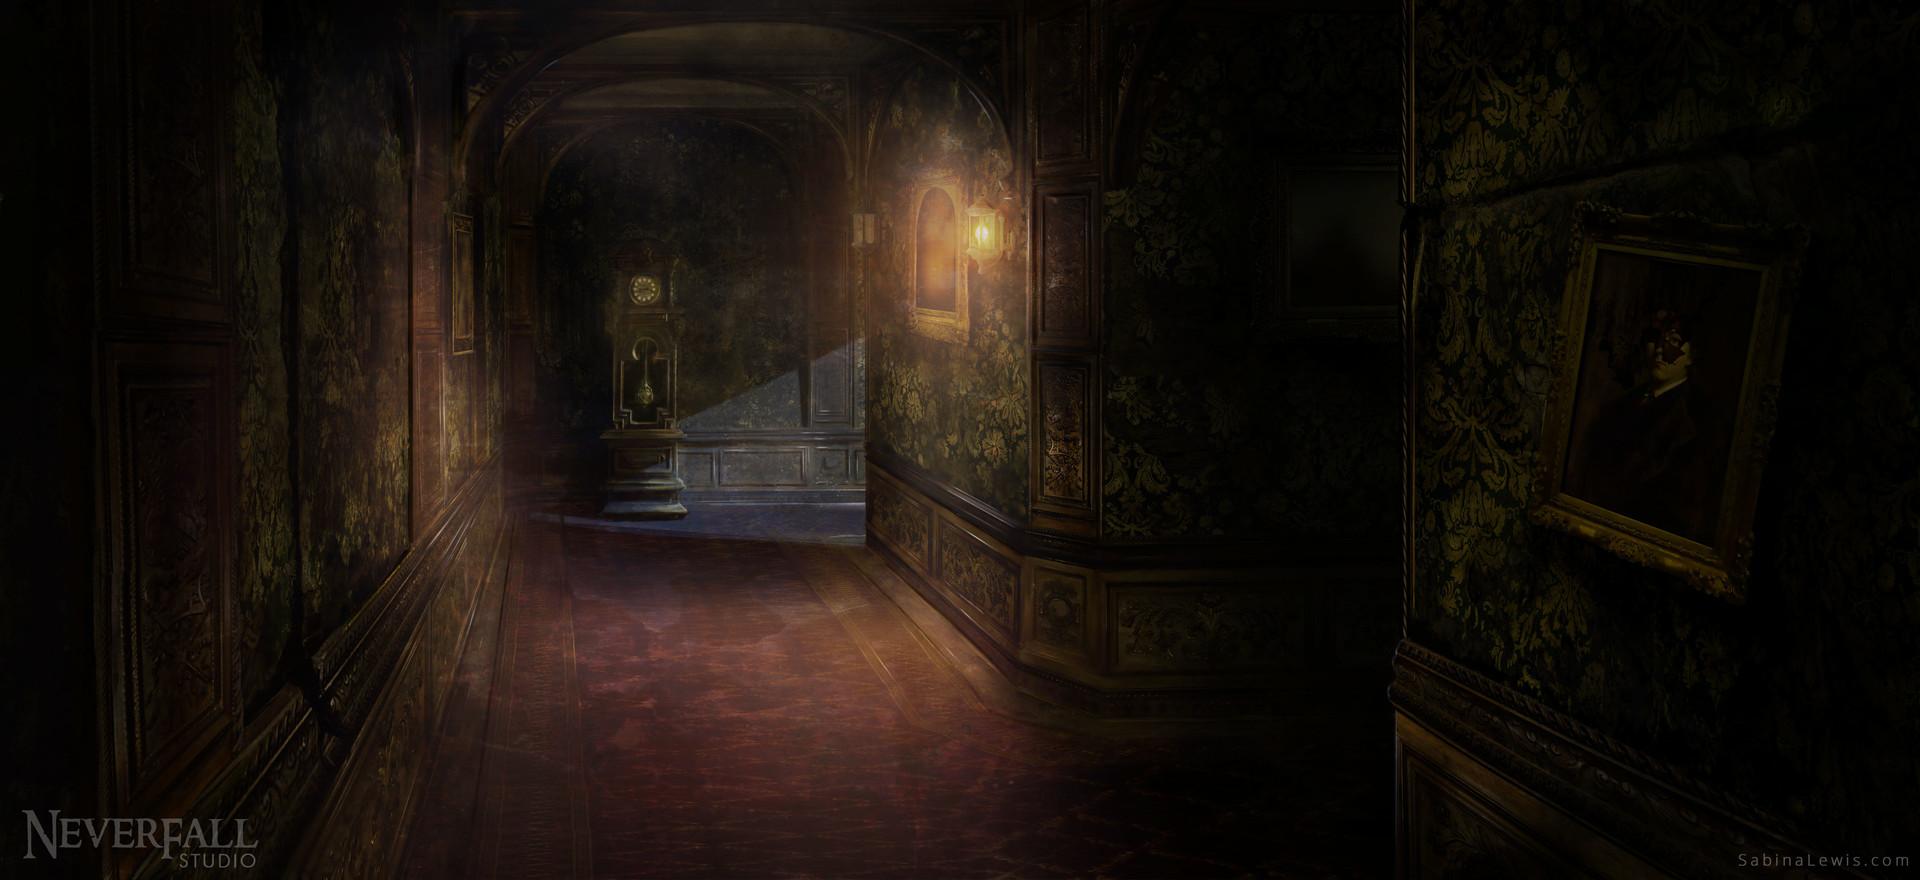 Sabina lewis hallway